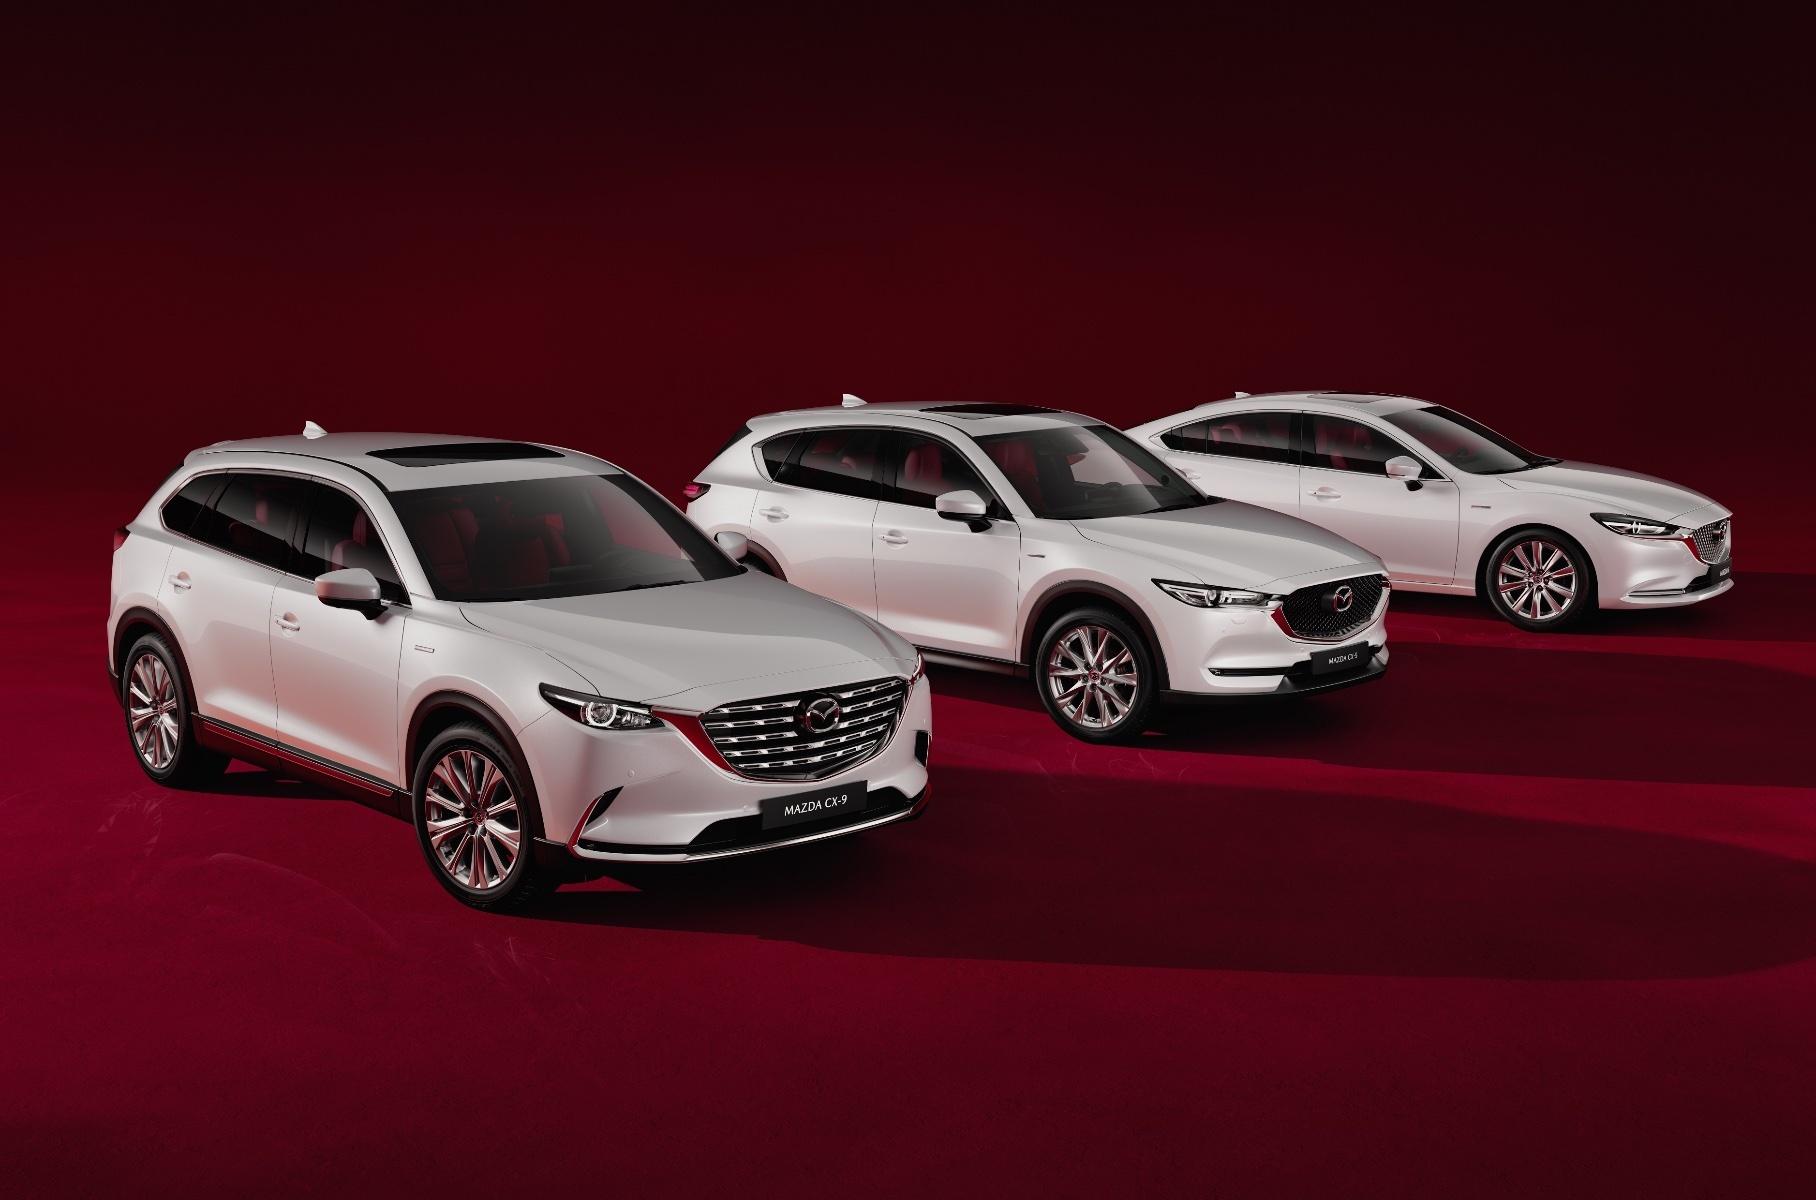 Российские Mazda получили юбилейную версию в честь 100-летия марки